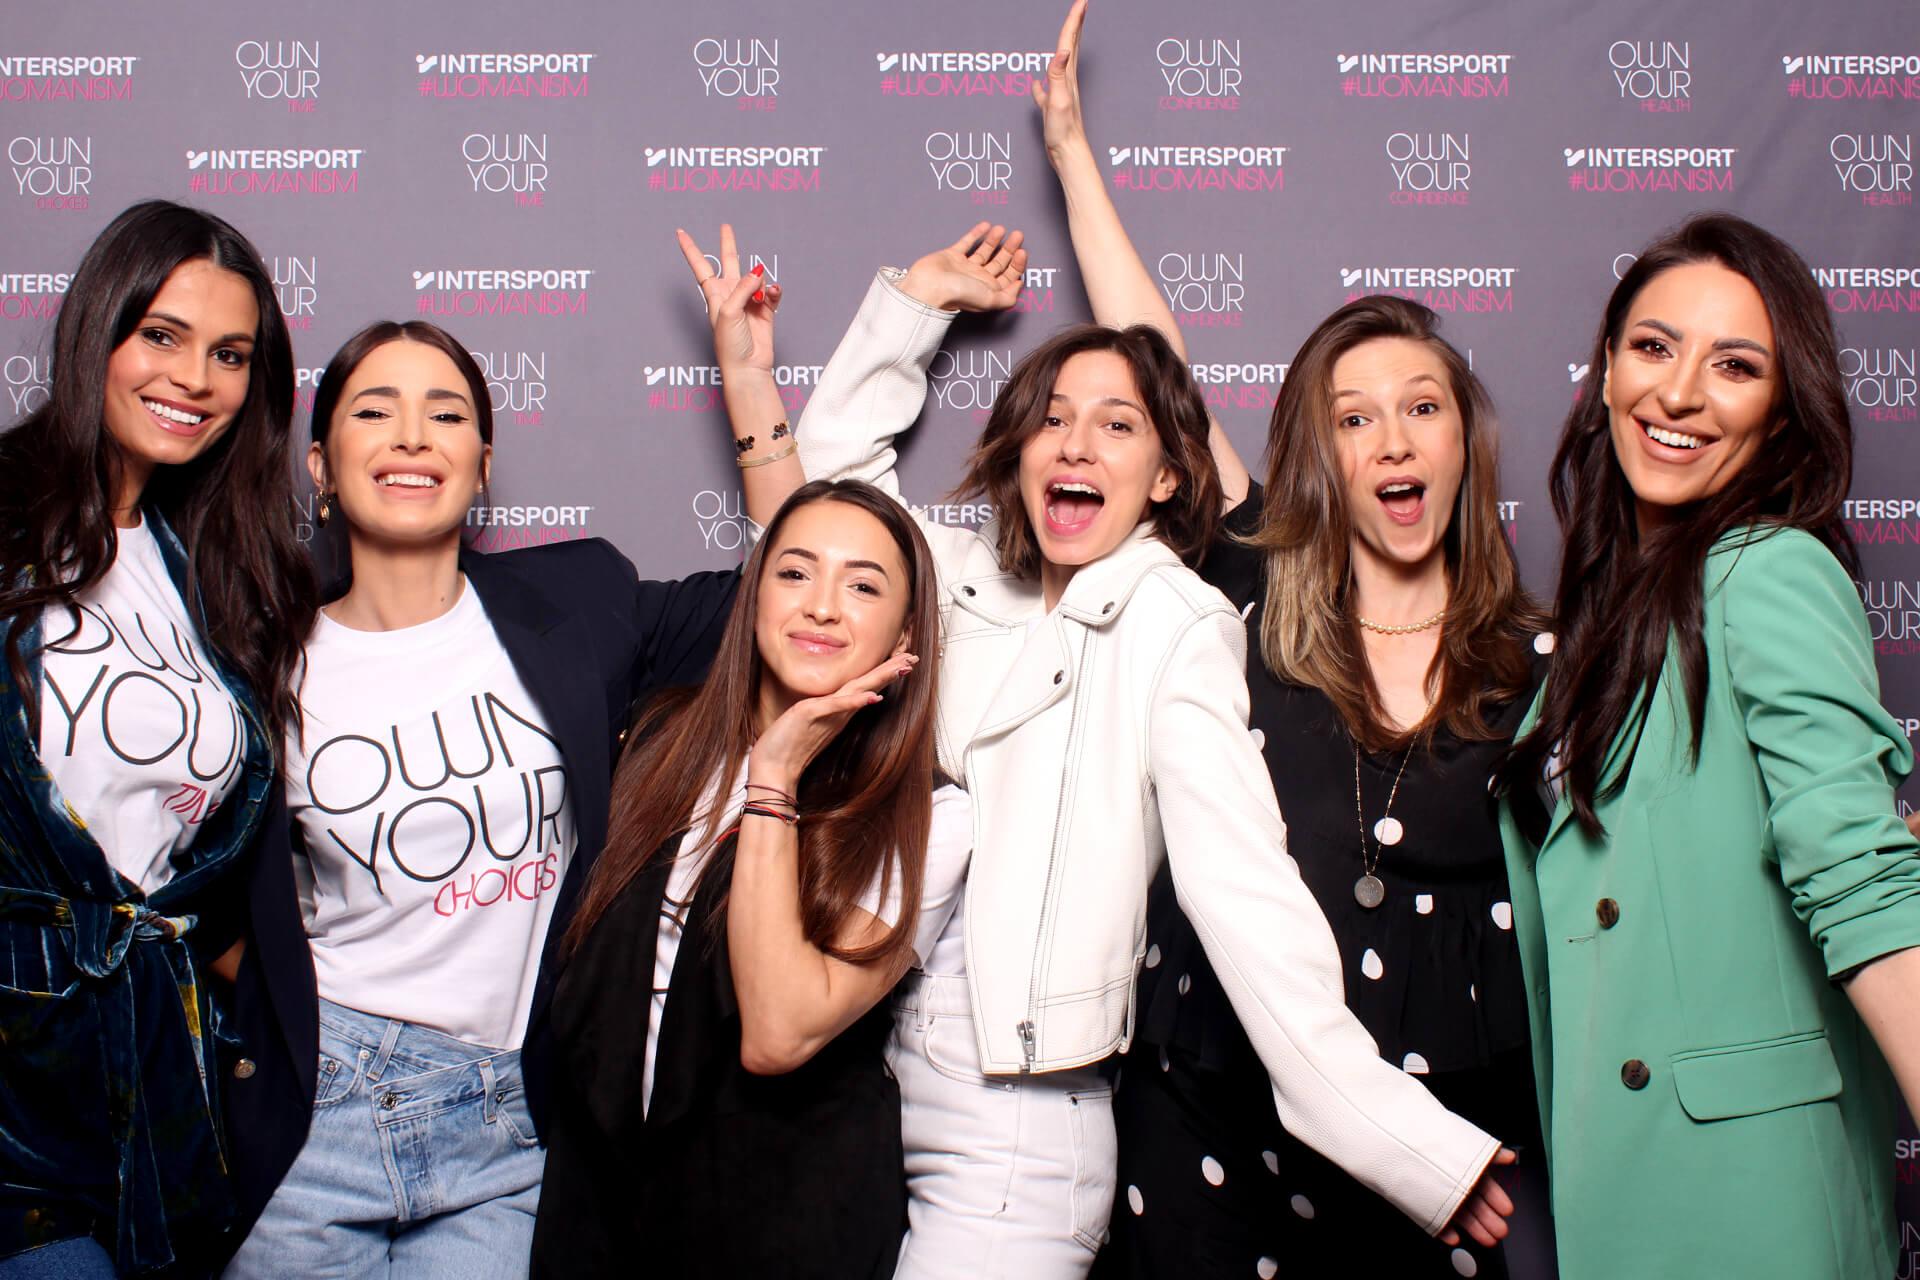 """(P) INTERSPORT lansează manifestul #WOMANISM și plasează pe podium toate femeile, """"sportivele"""" vieții moderne, printr-o nouă filozofie de empowerment"""